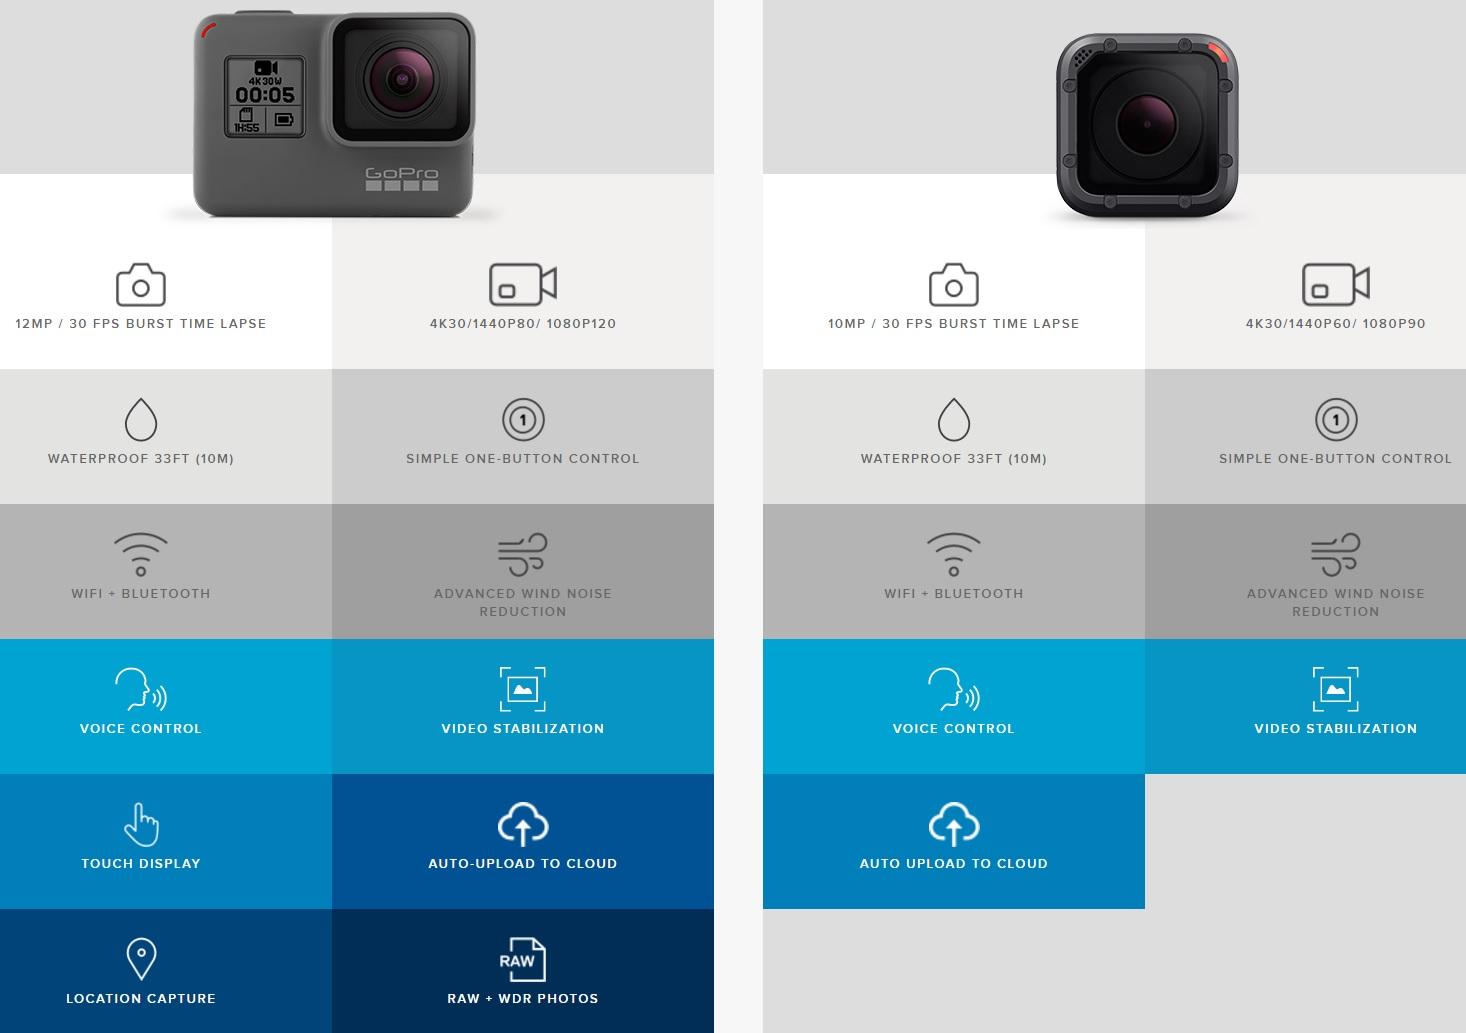 Hero5 Black, den dyreste og største modellen, har berøringsskjerm, GPS og raw-støtte. Ellers er de to ganske like.